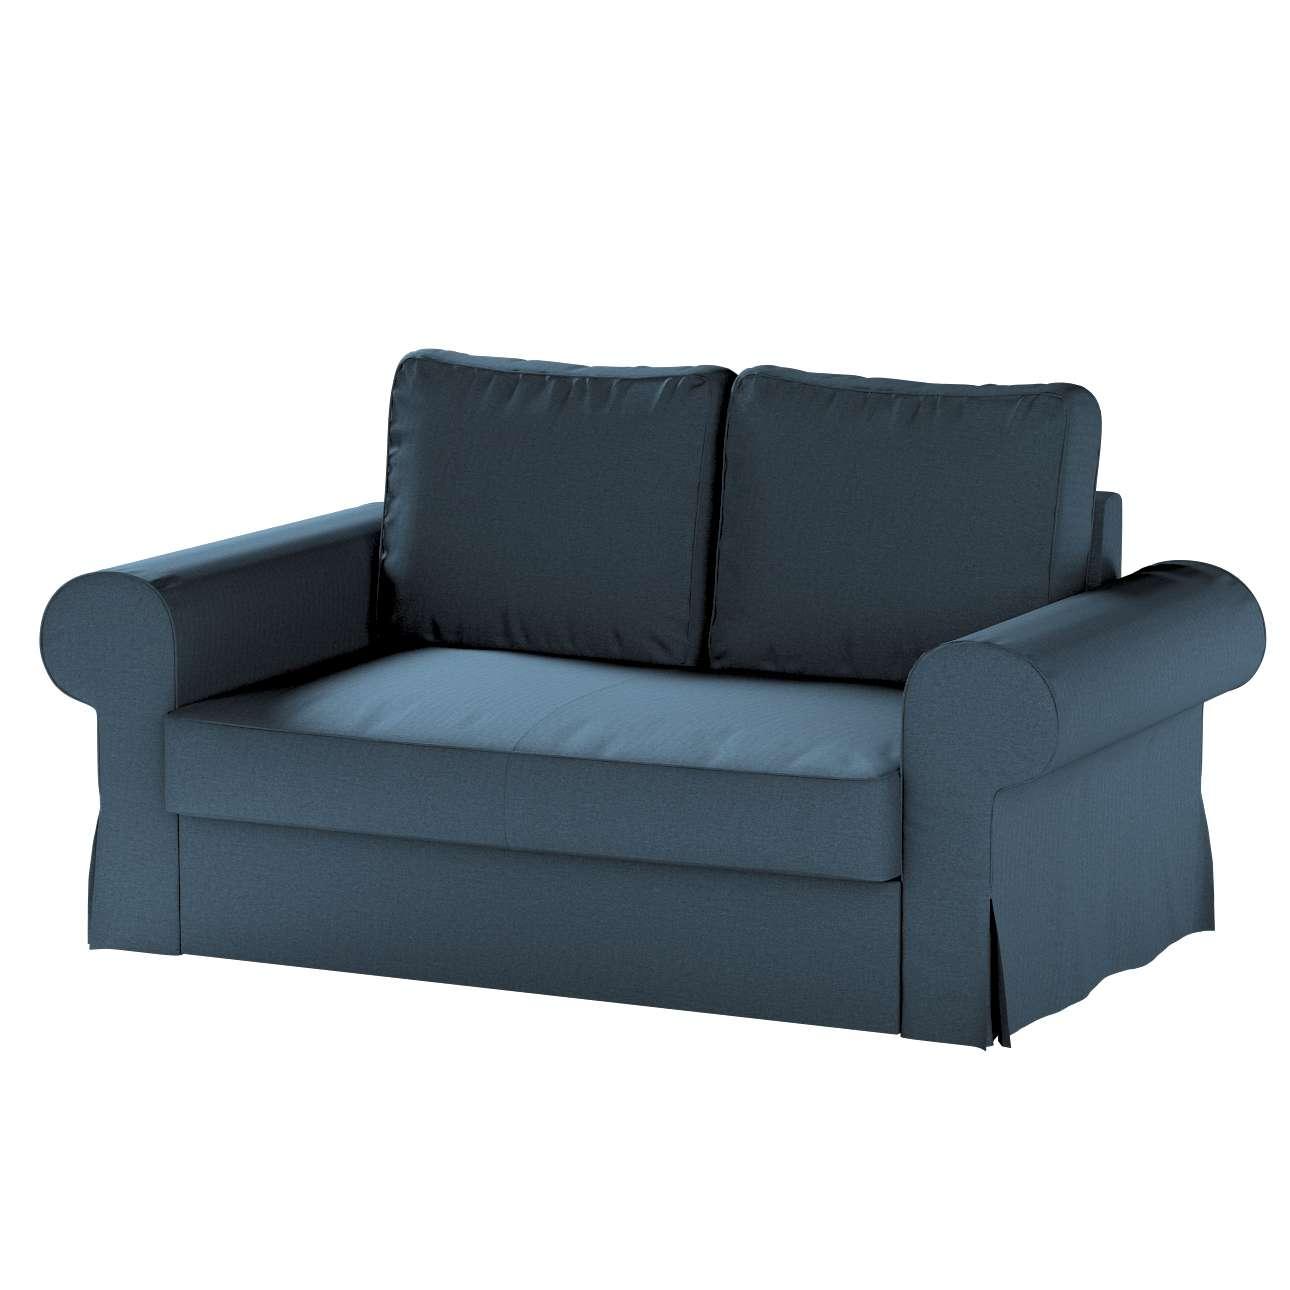 Pokrowiec na sofę Backabro 2-osobową rozkładaną w kolekcji Etna, tkanina: 705-30